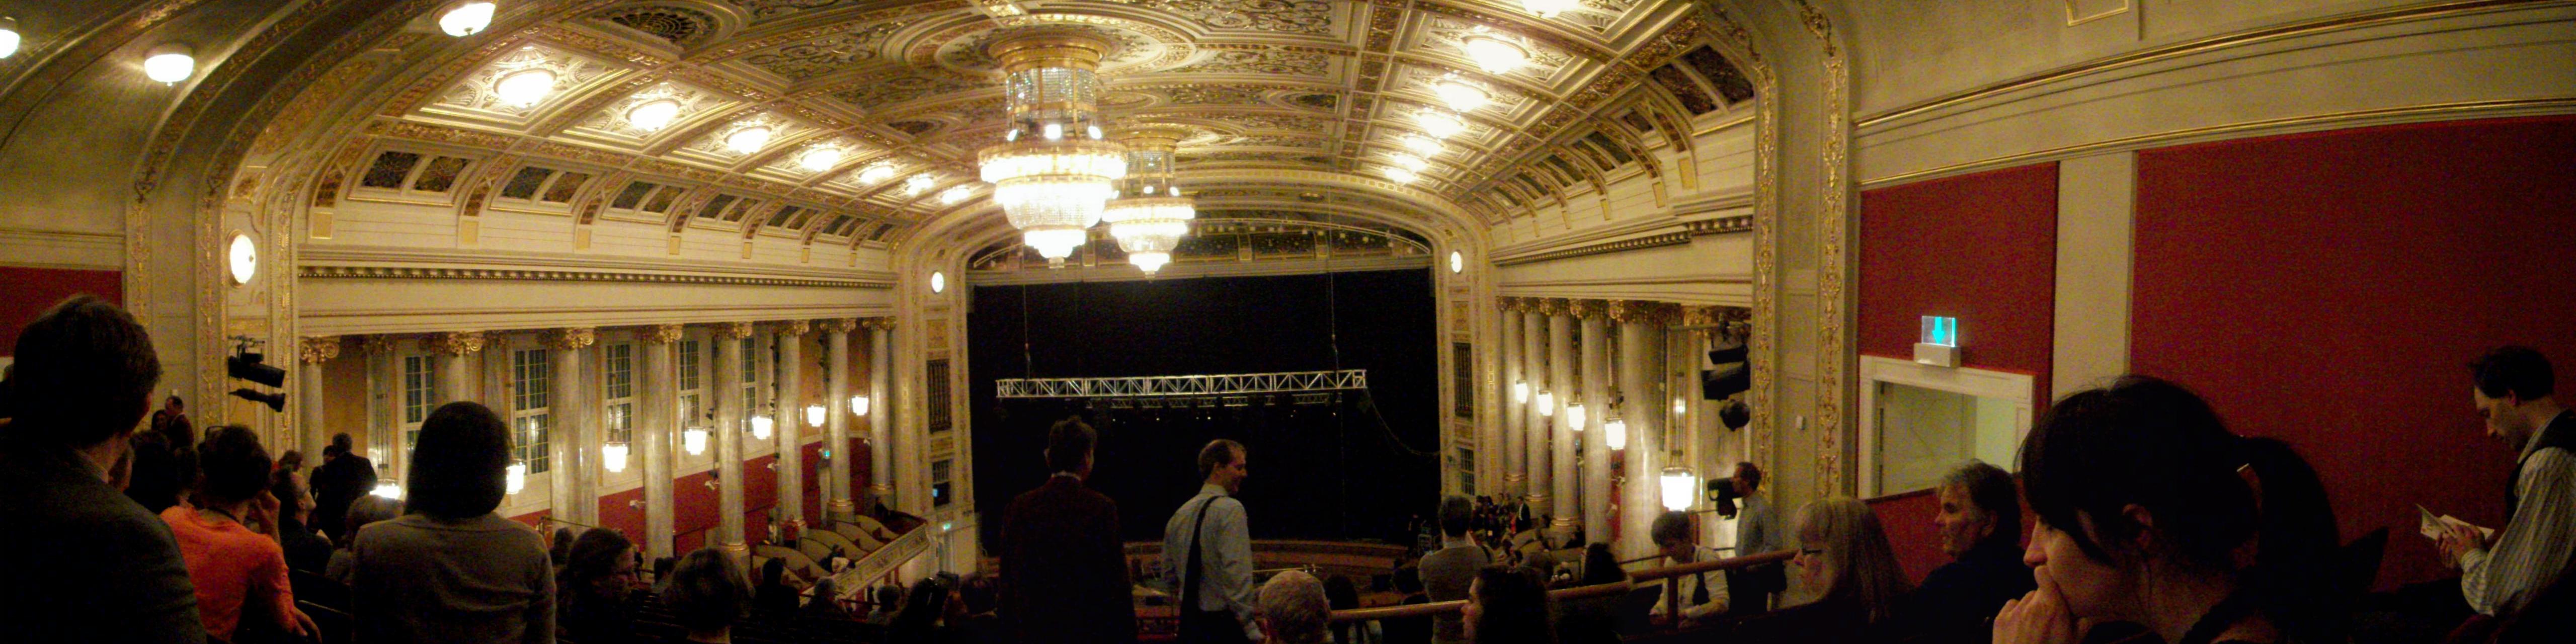 Interior de la Konzerthaus